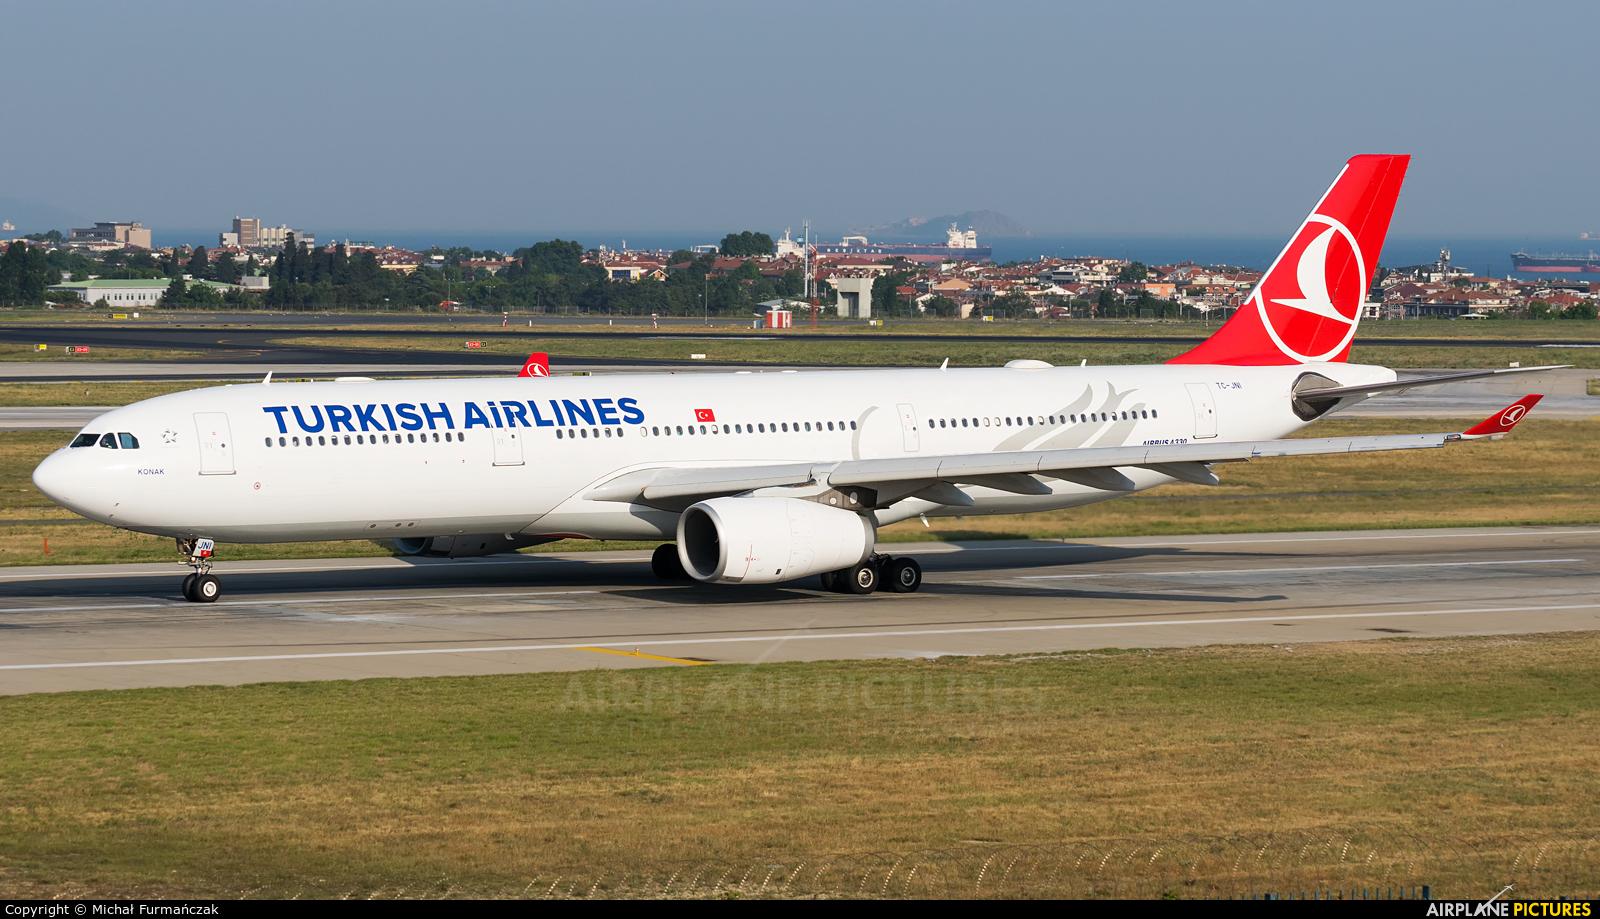 Turkish Airlines TC-JNI aircraft at Istanbul - Ataturk